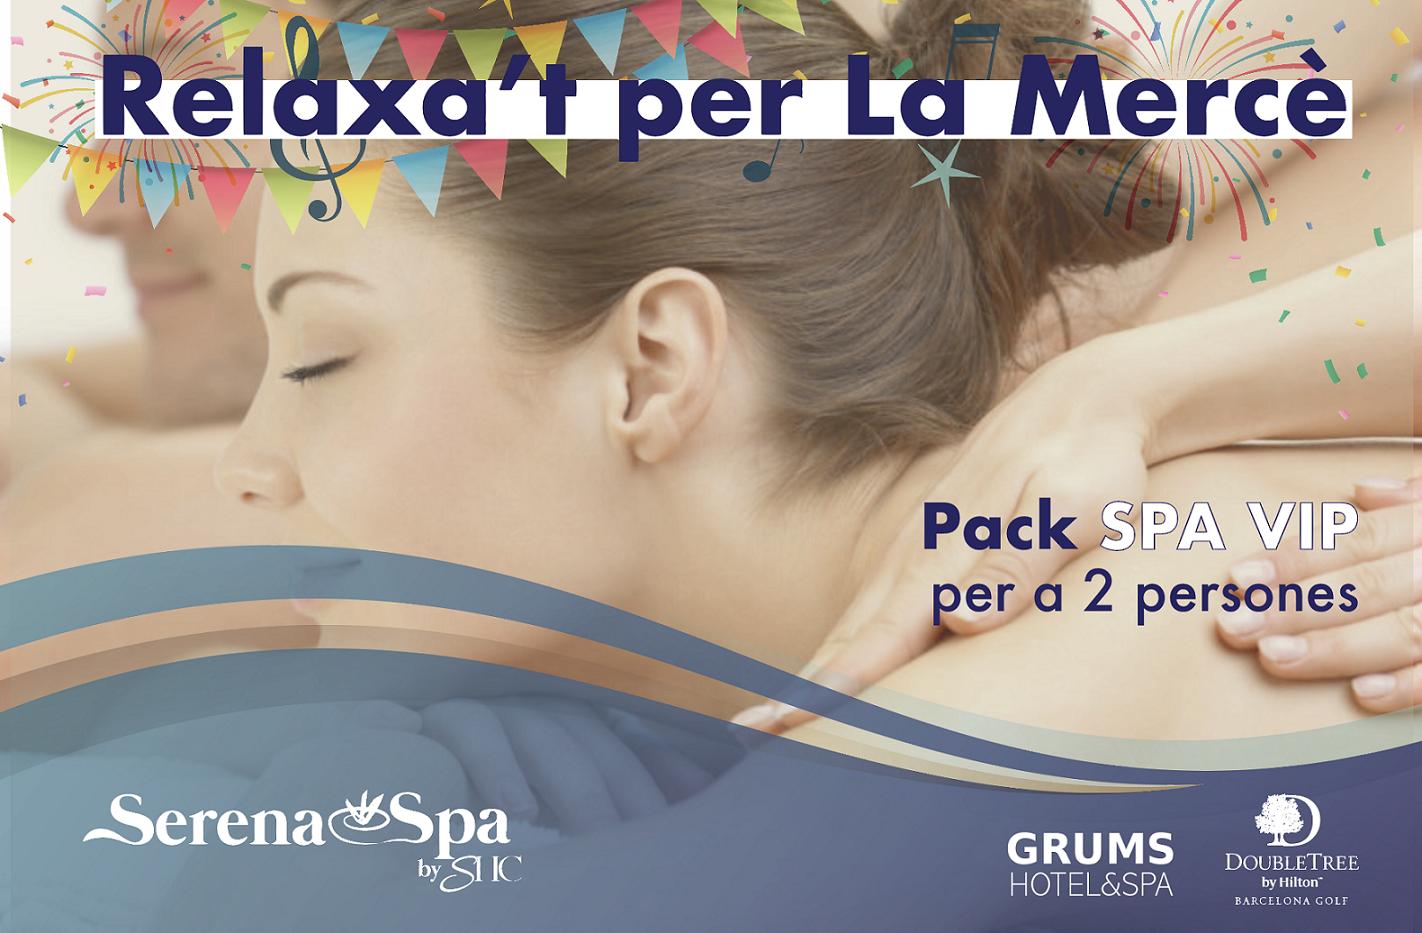 Relaxat per la Mercé-Pack SPA VIP per 2 personas